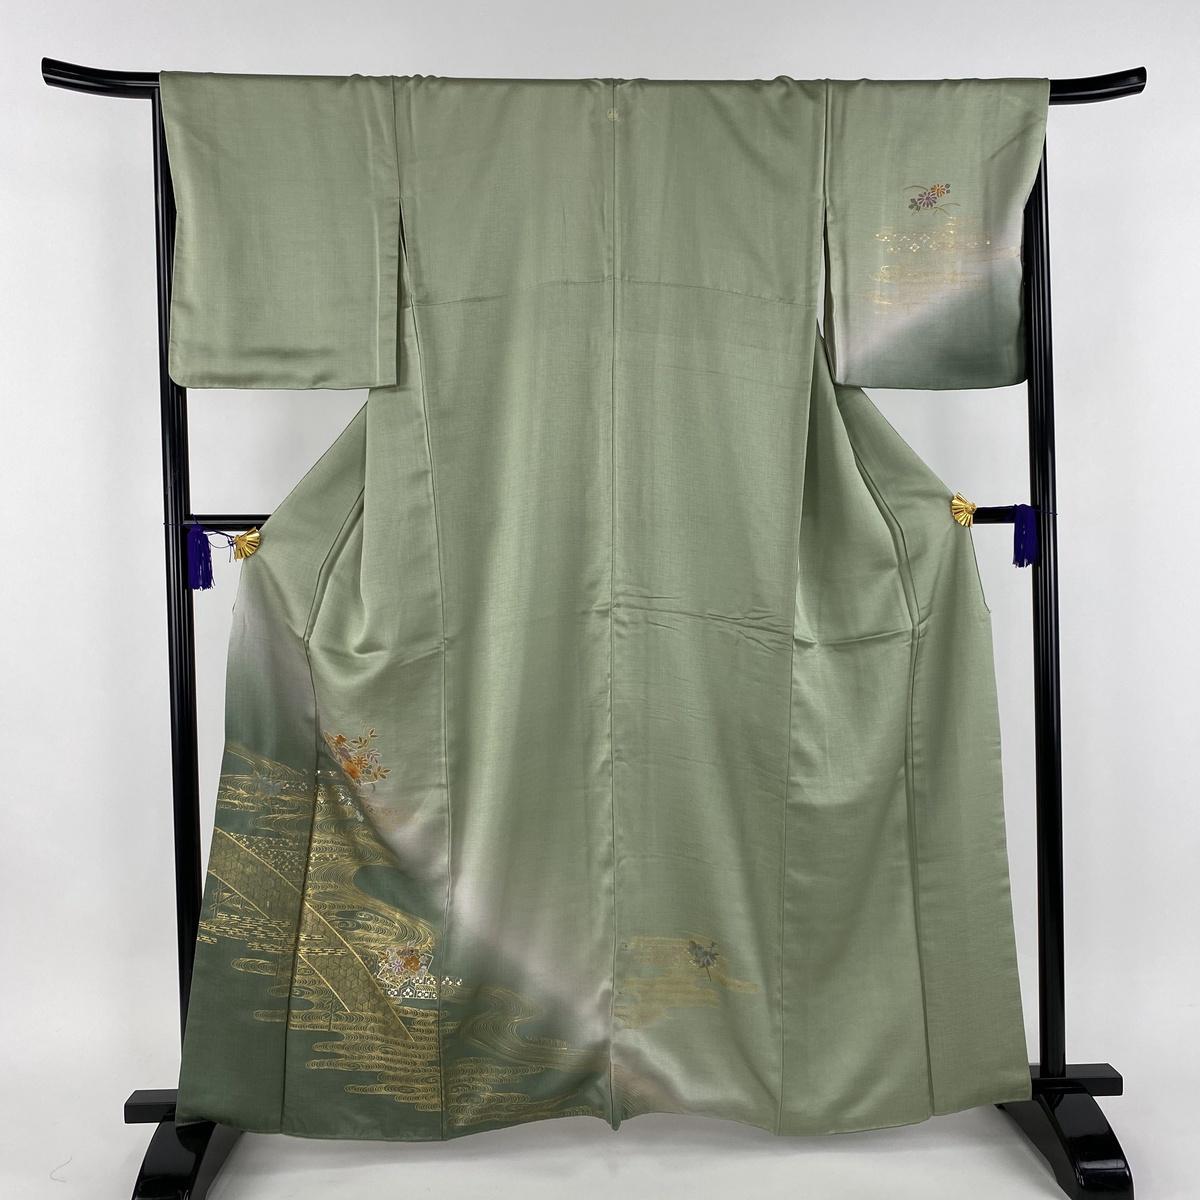 訪問着 美品 秀品 一つ紋 扇面 草花 刺繍 金彩 薄緑 袷 身丈163cm 裄丈67cm M 正絹 【中古】